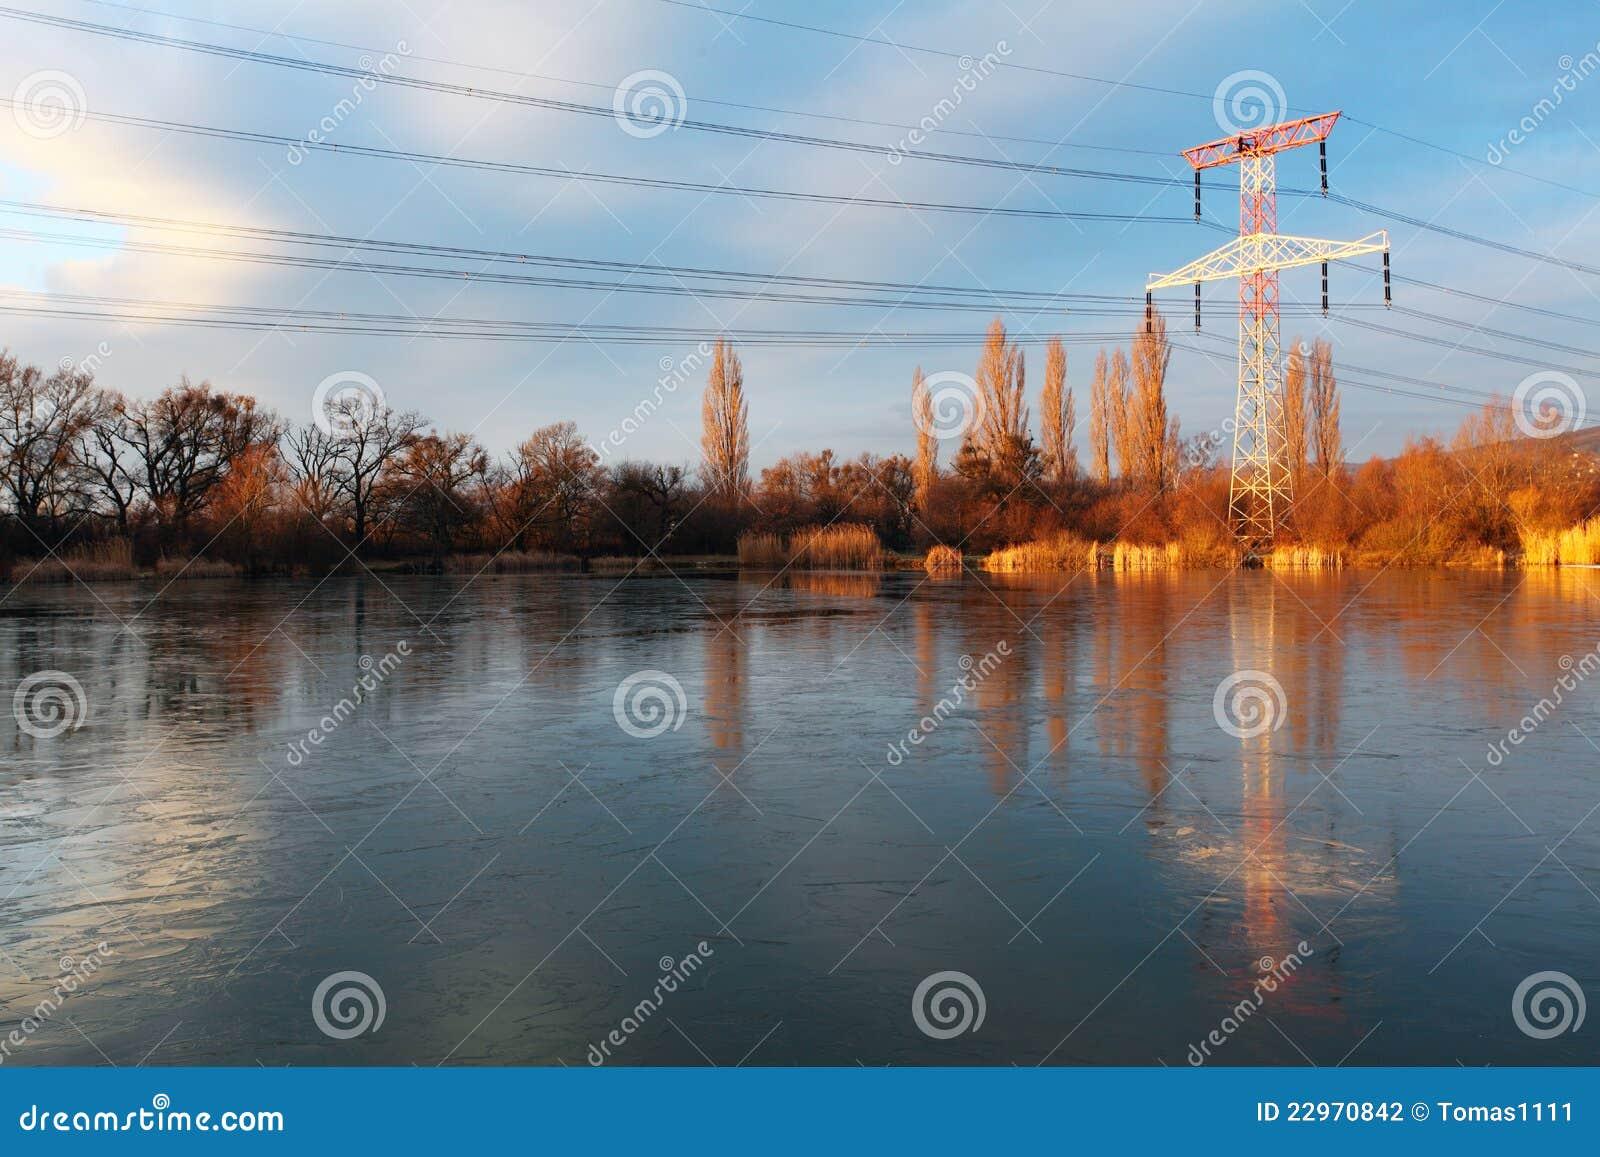 De pyloon van de elektriciteit met bezinning